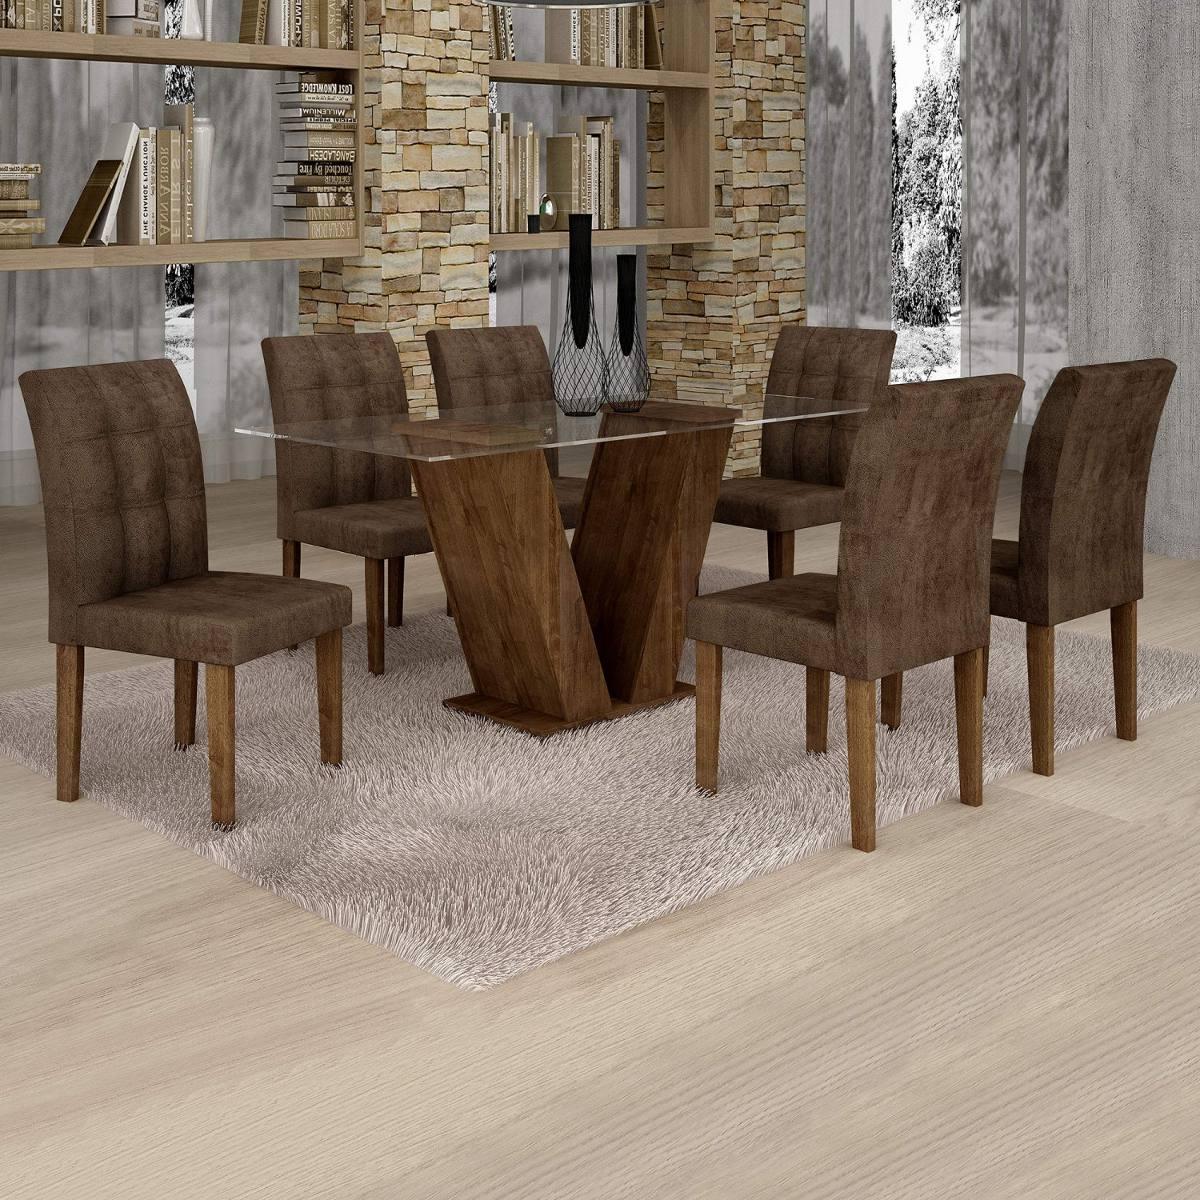 9c50fc503 sala jantar classic tampo vidro 6 cadeiras vitória ehwt. Carregando zoom.